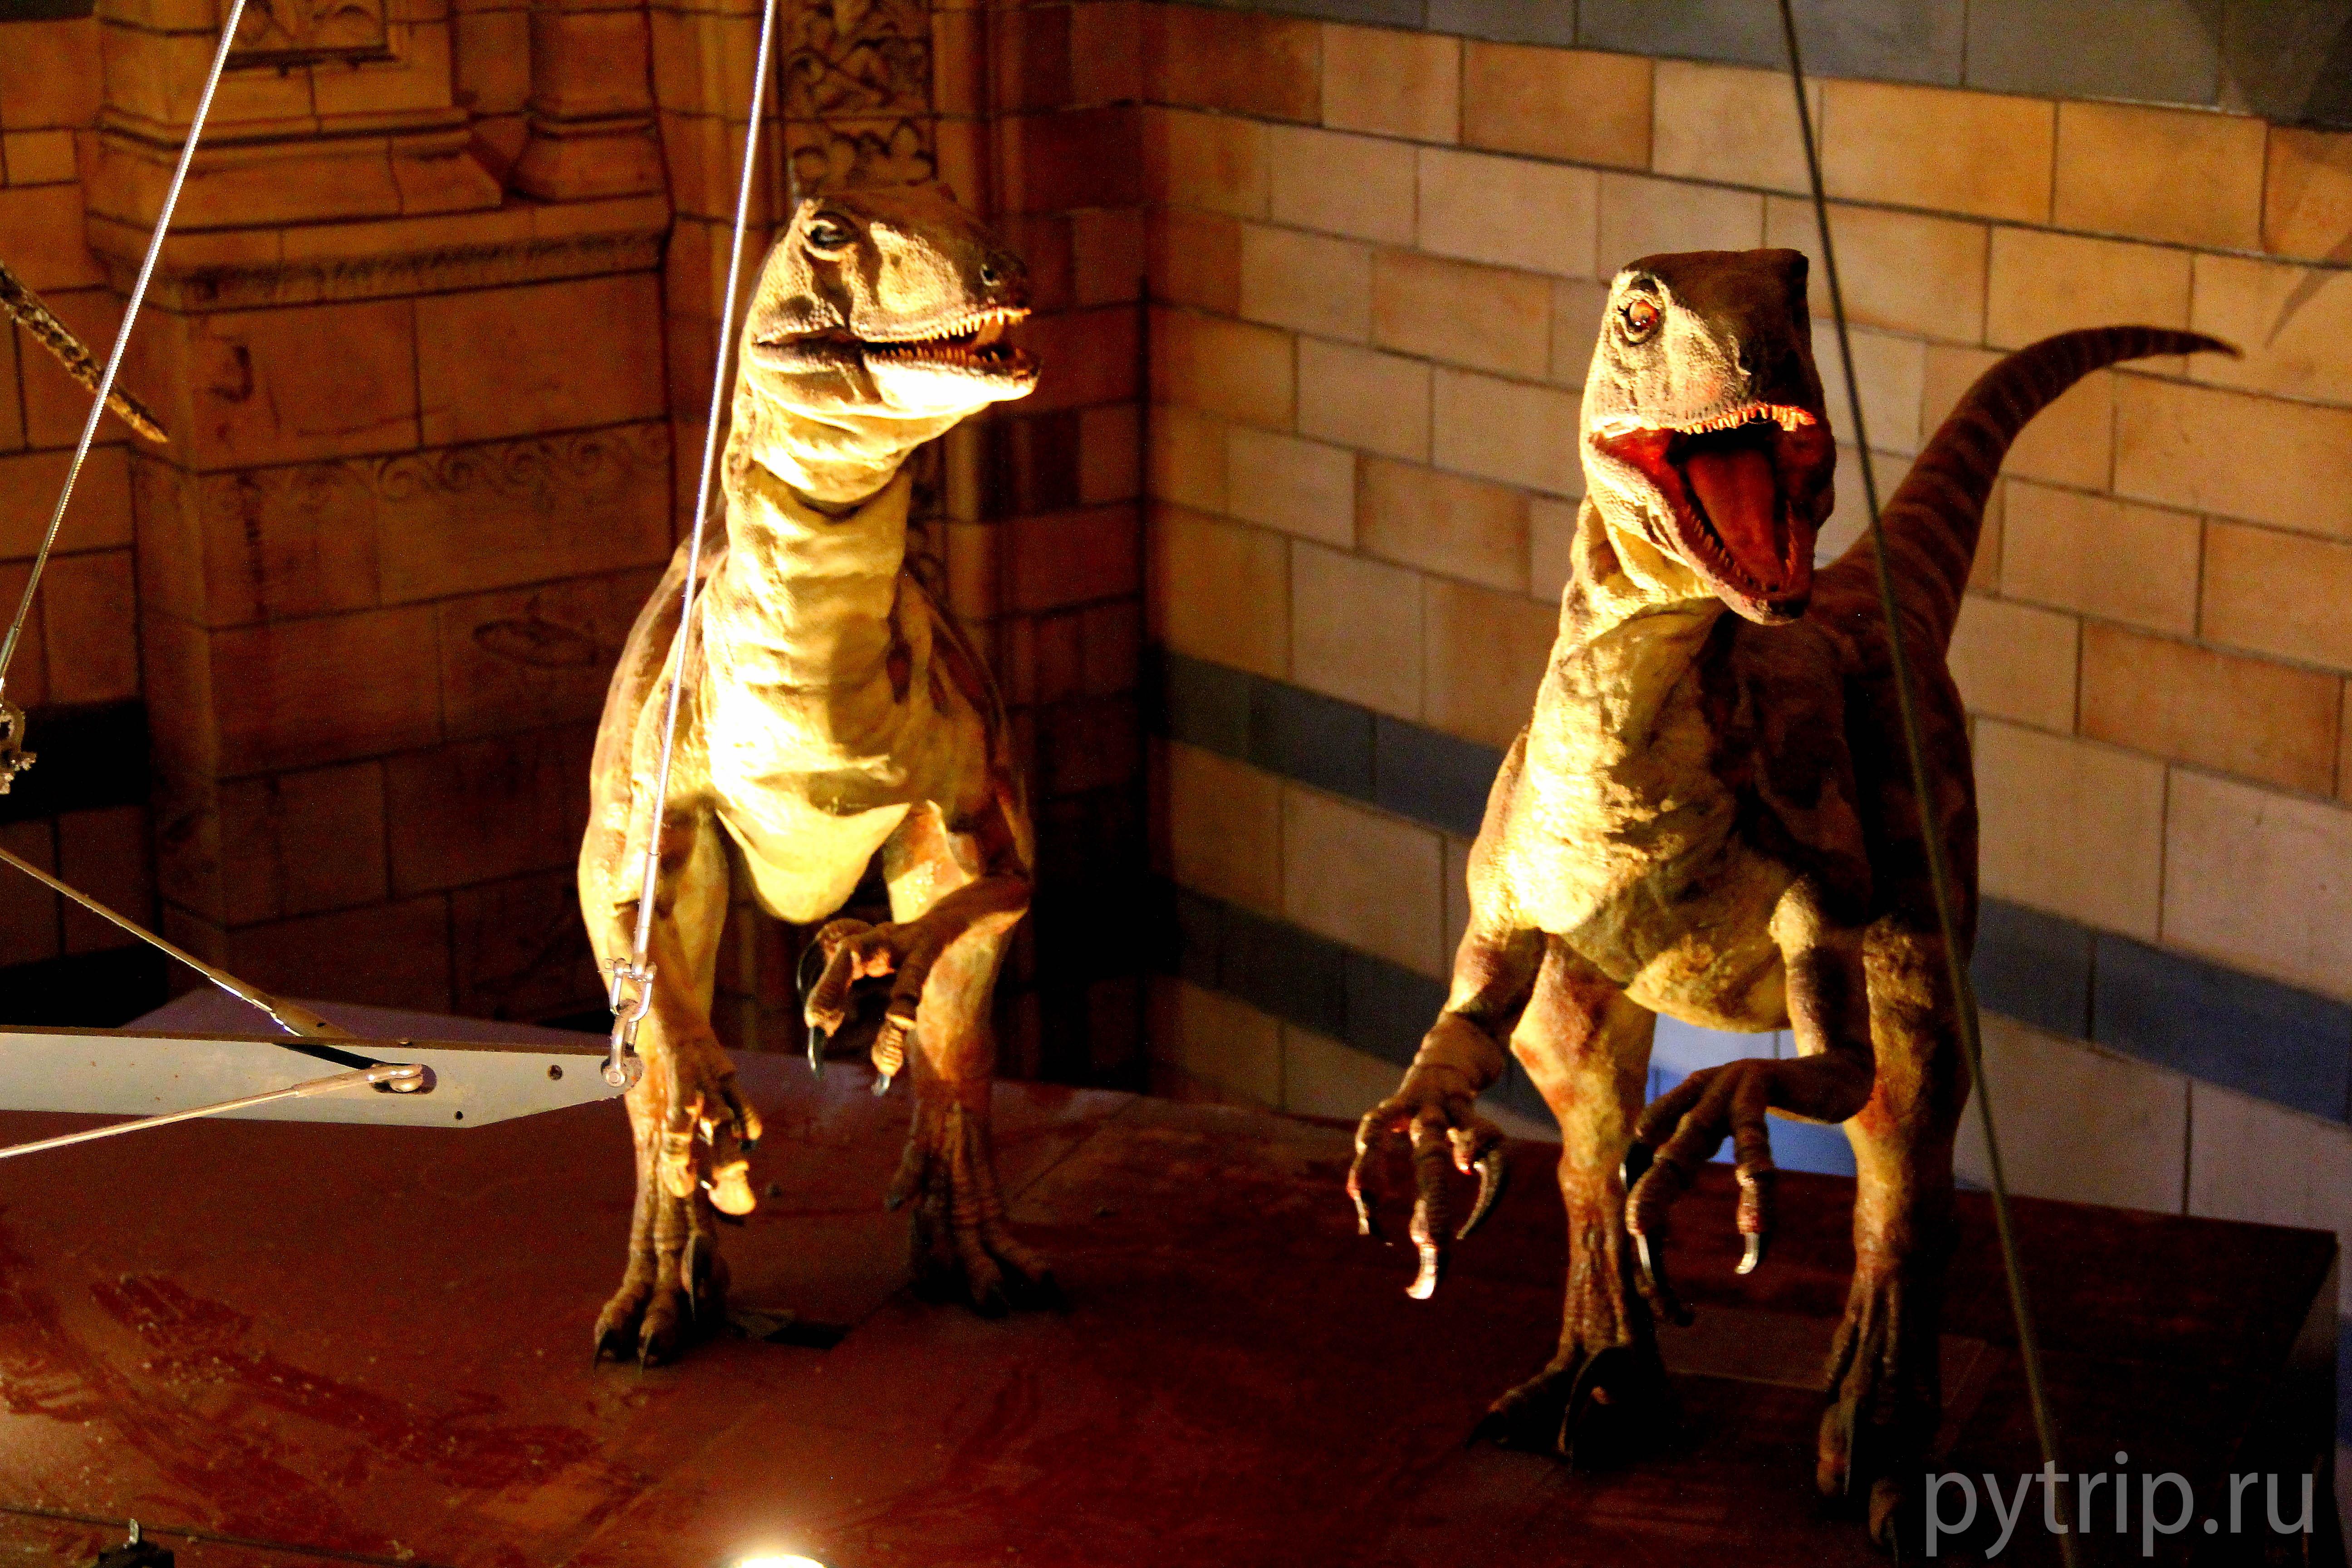 Динозаврики общаются.